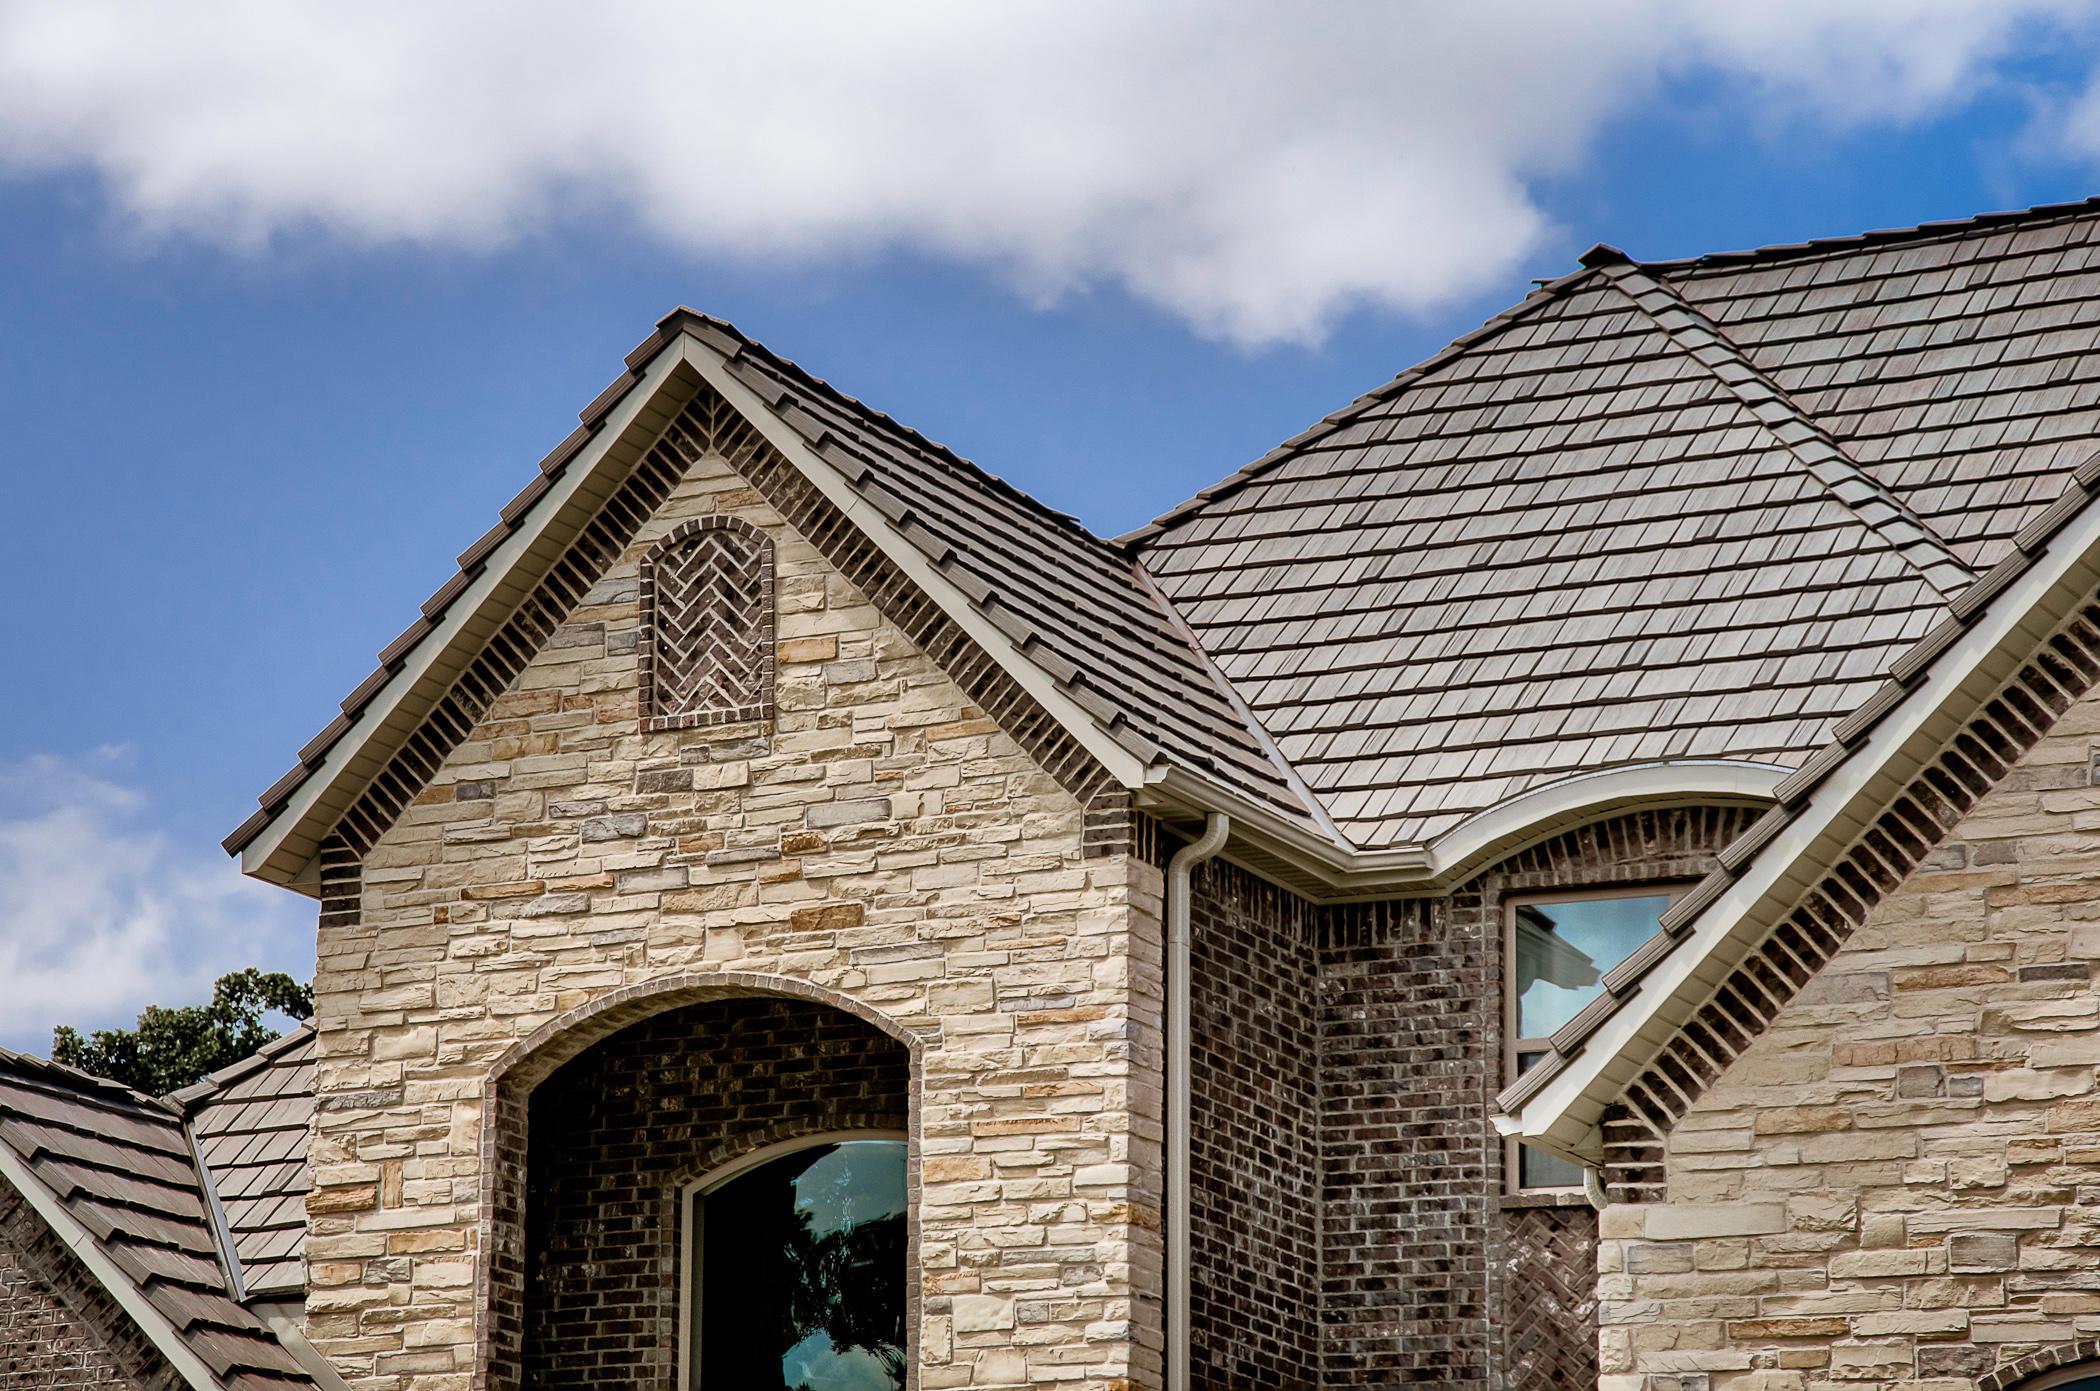 Pinnacle Roofing In Springdale Ar 72762